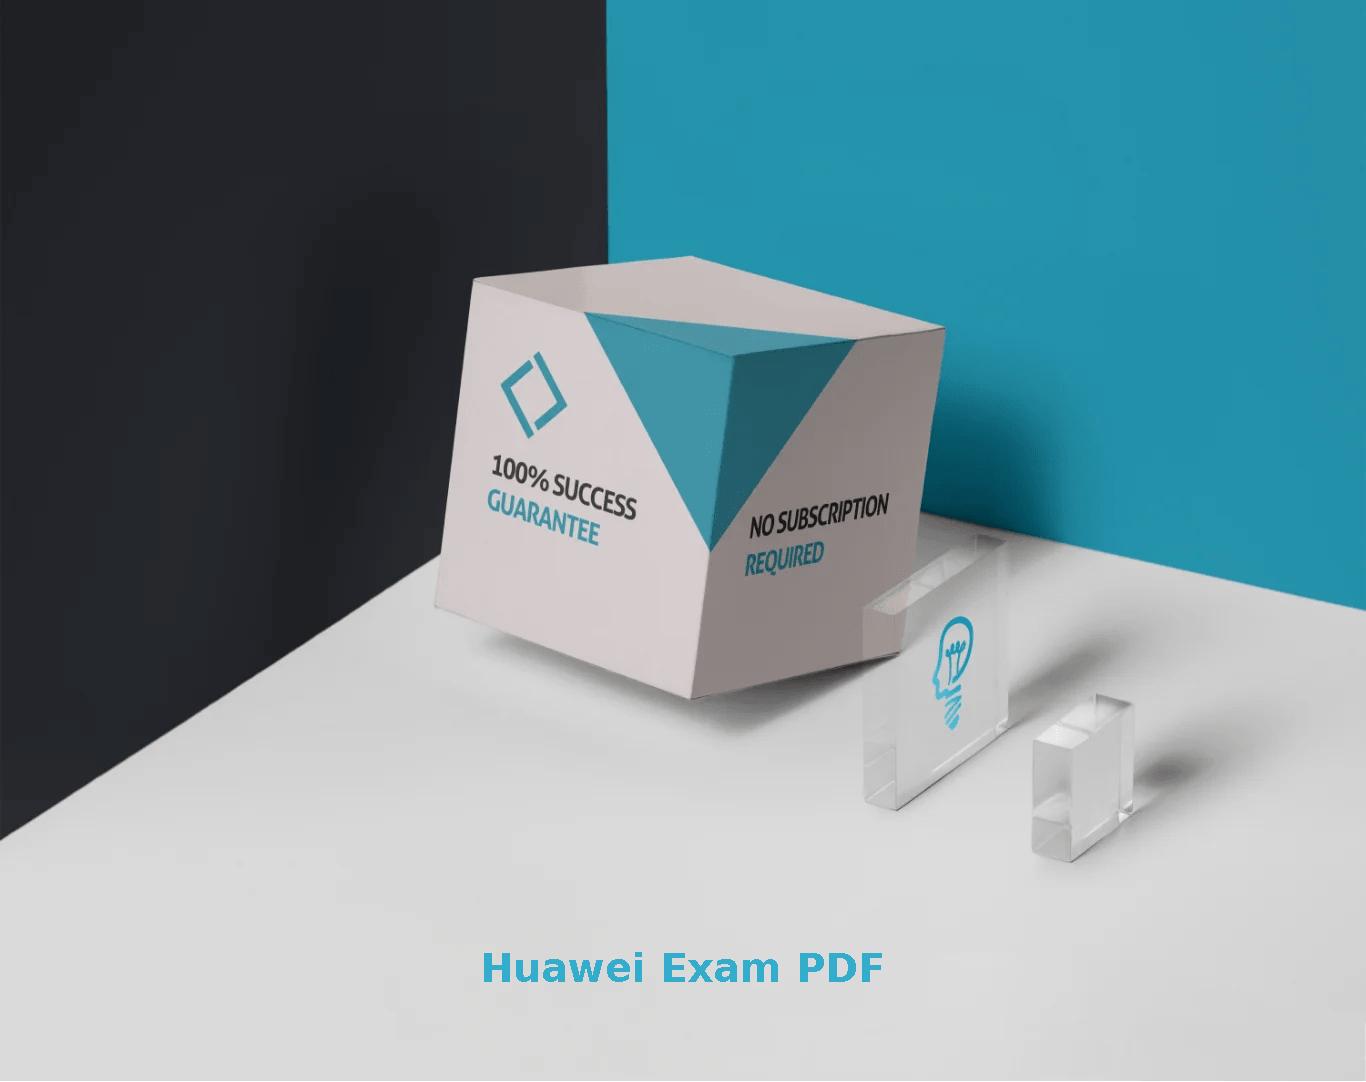 Huawei Exam PDF